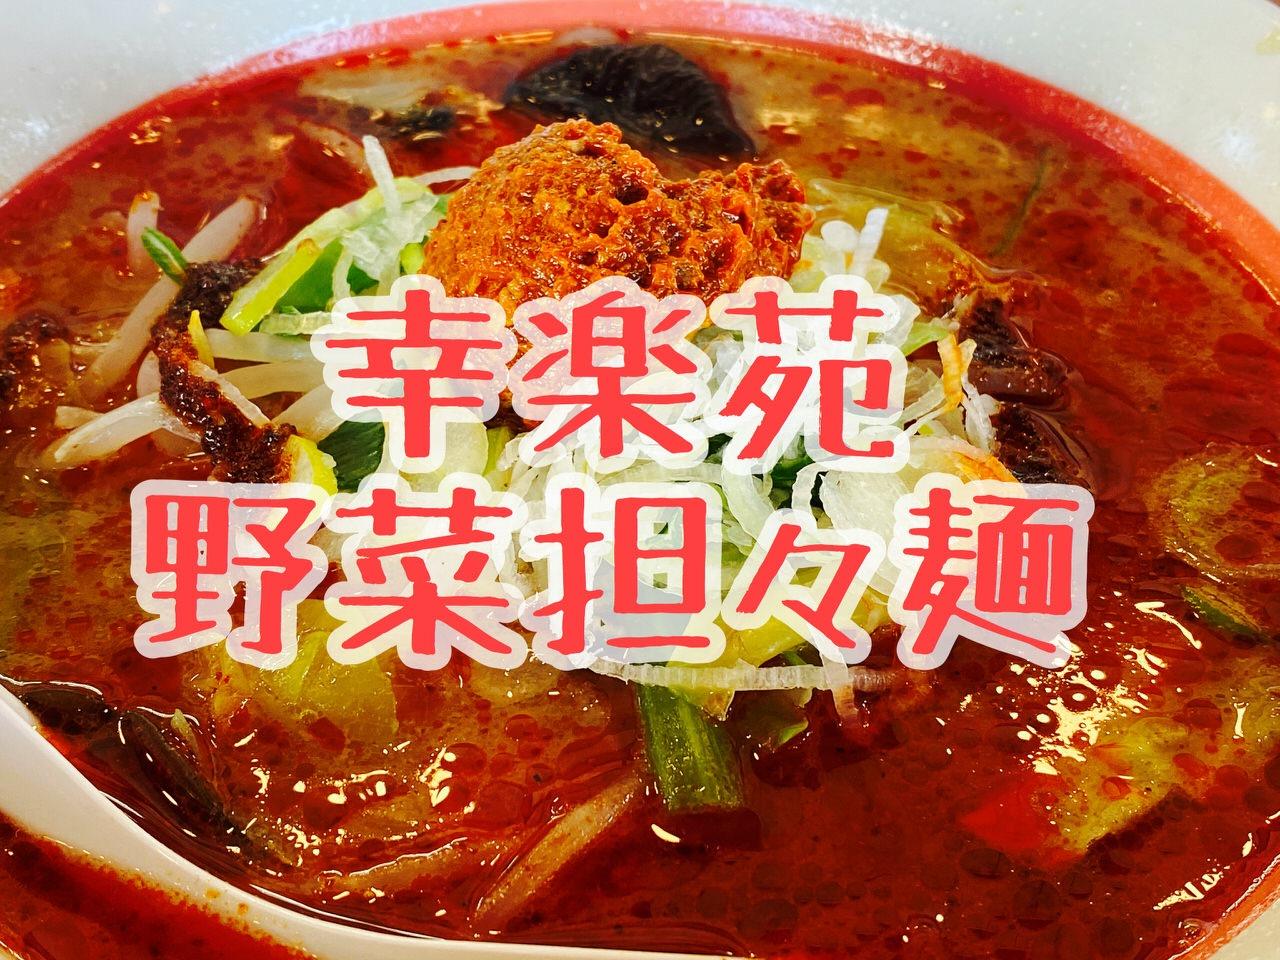 【幸楽苑】野菜たっぷり担々麺「野菜担々麺」花椒を利かせたスパイシー系を食べる